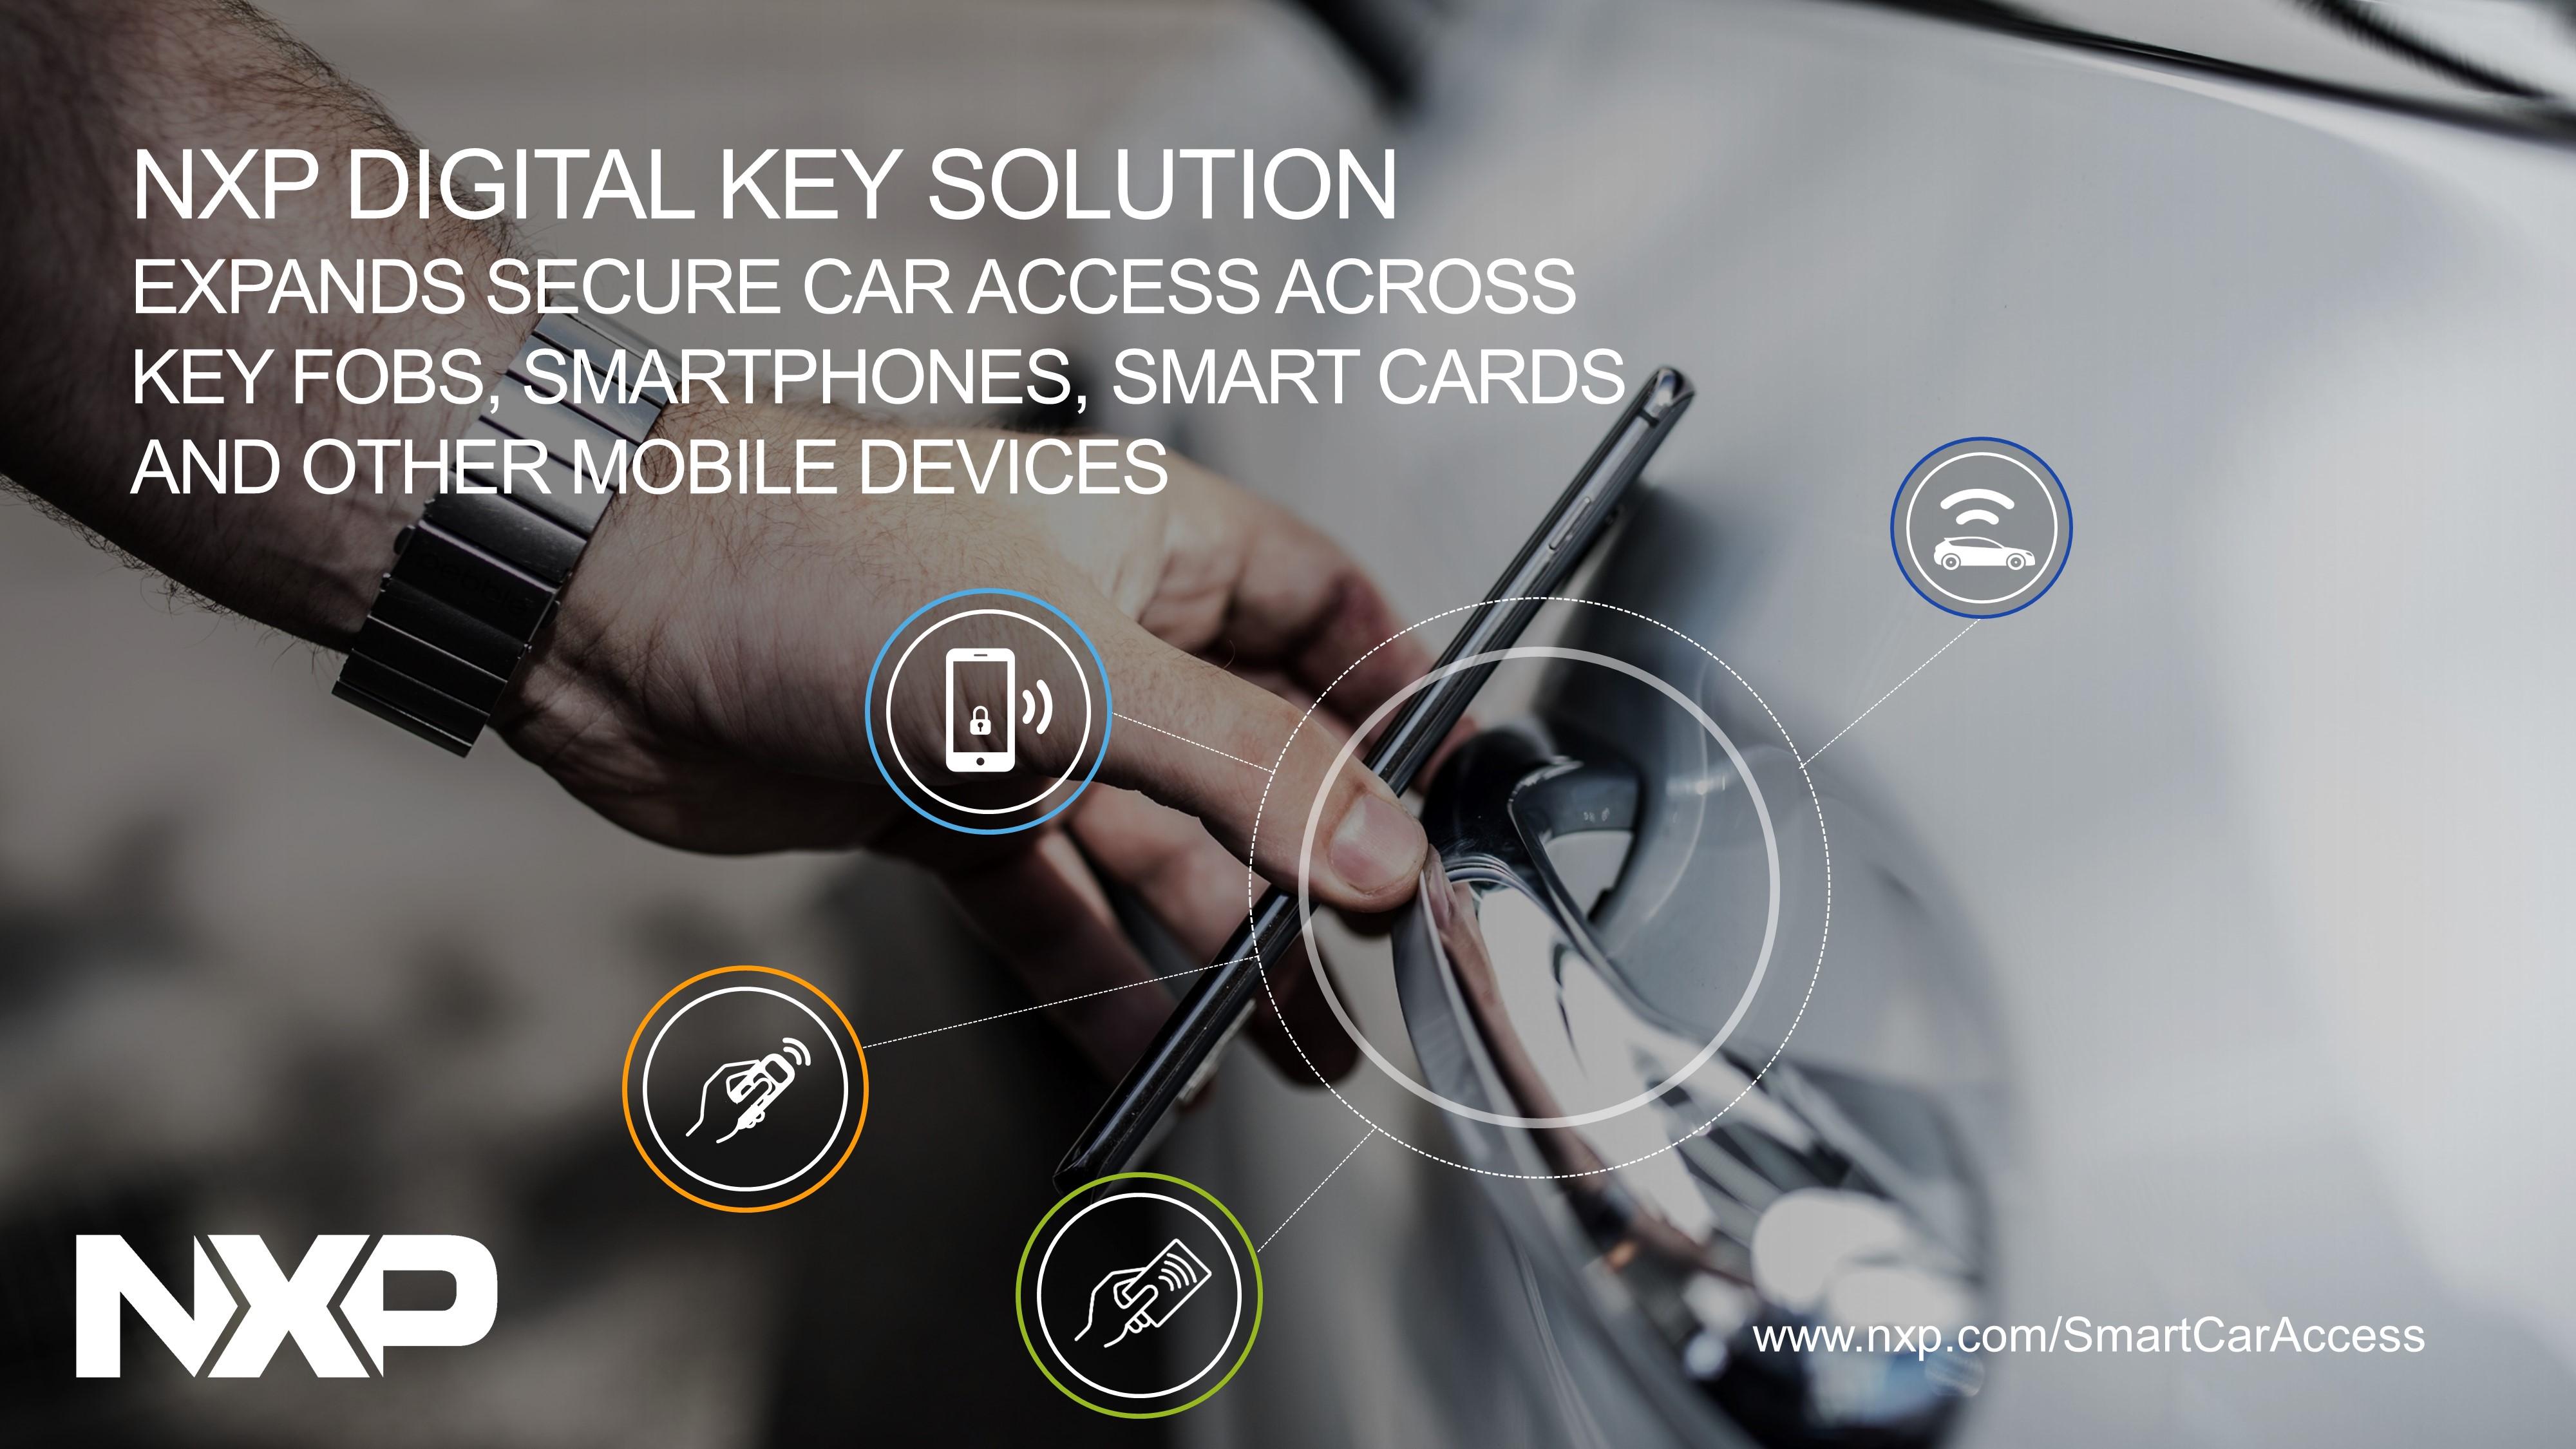 NXPのデジタル・キー・ソリューション、セキュアなカー・アクセスをキー・フォブ、スマートフォン、スマートカードや他のモバイル・デバイス全般に拡大